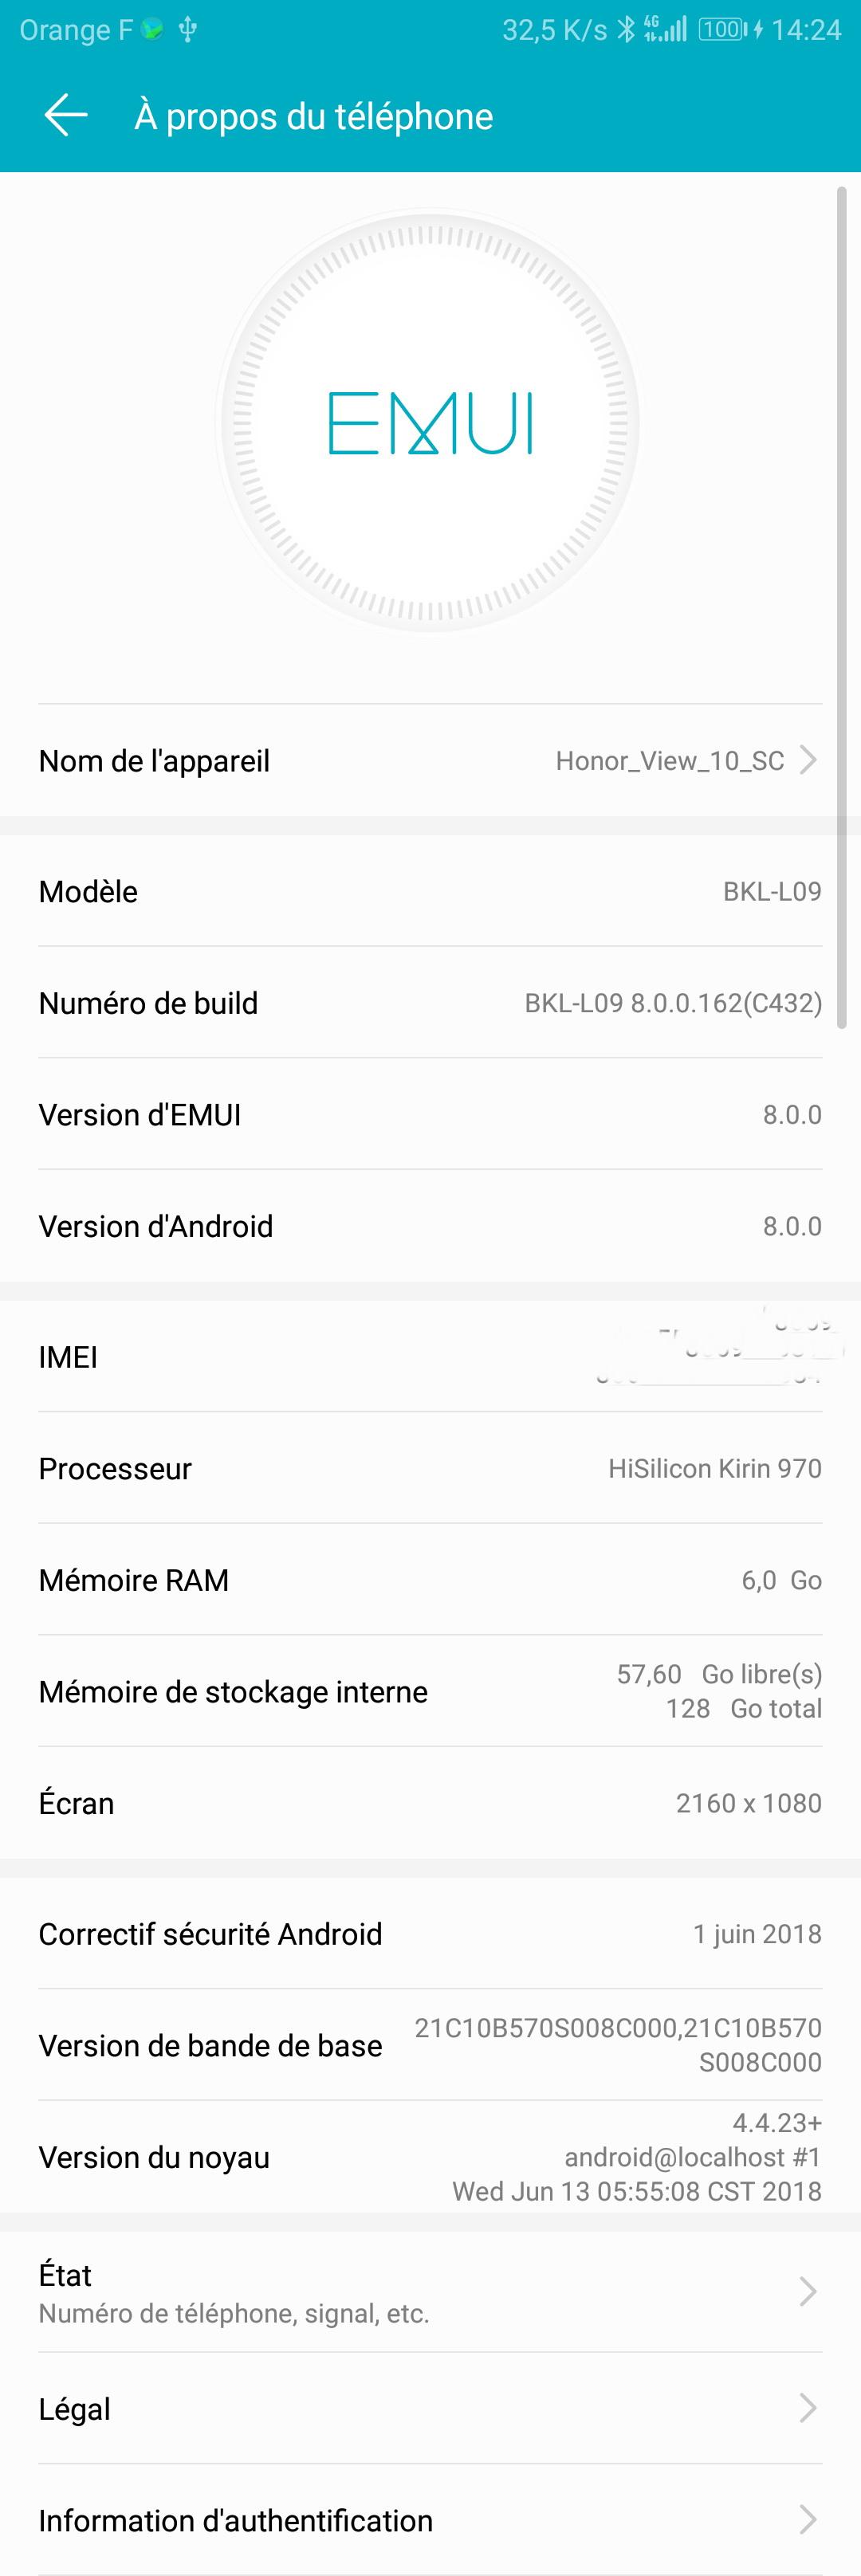 03_BLK-L09 8.0.0.162(C432)_20180719 (3) - Copie